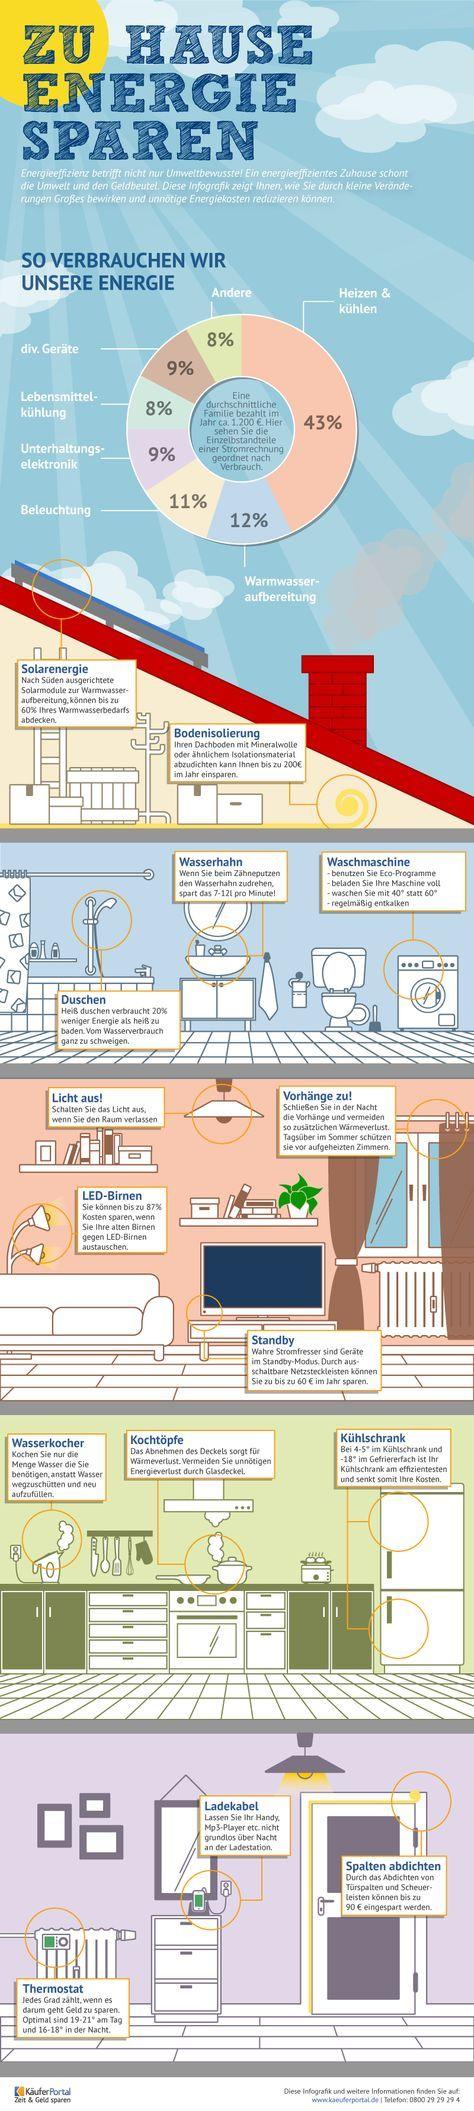 #Energiesparen Raum für Raum. So achten Sie ganz nebenbei auf Energieeffizienz und Umweltbewusstsein. – Inge Trauten